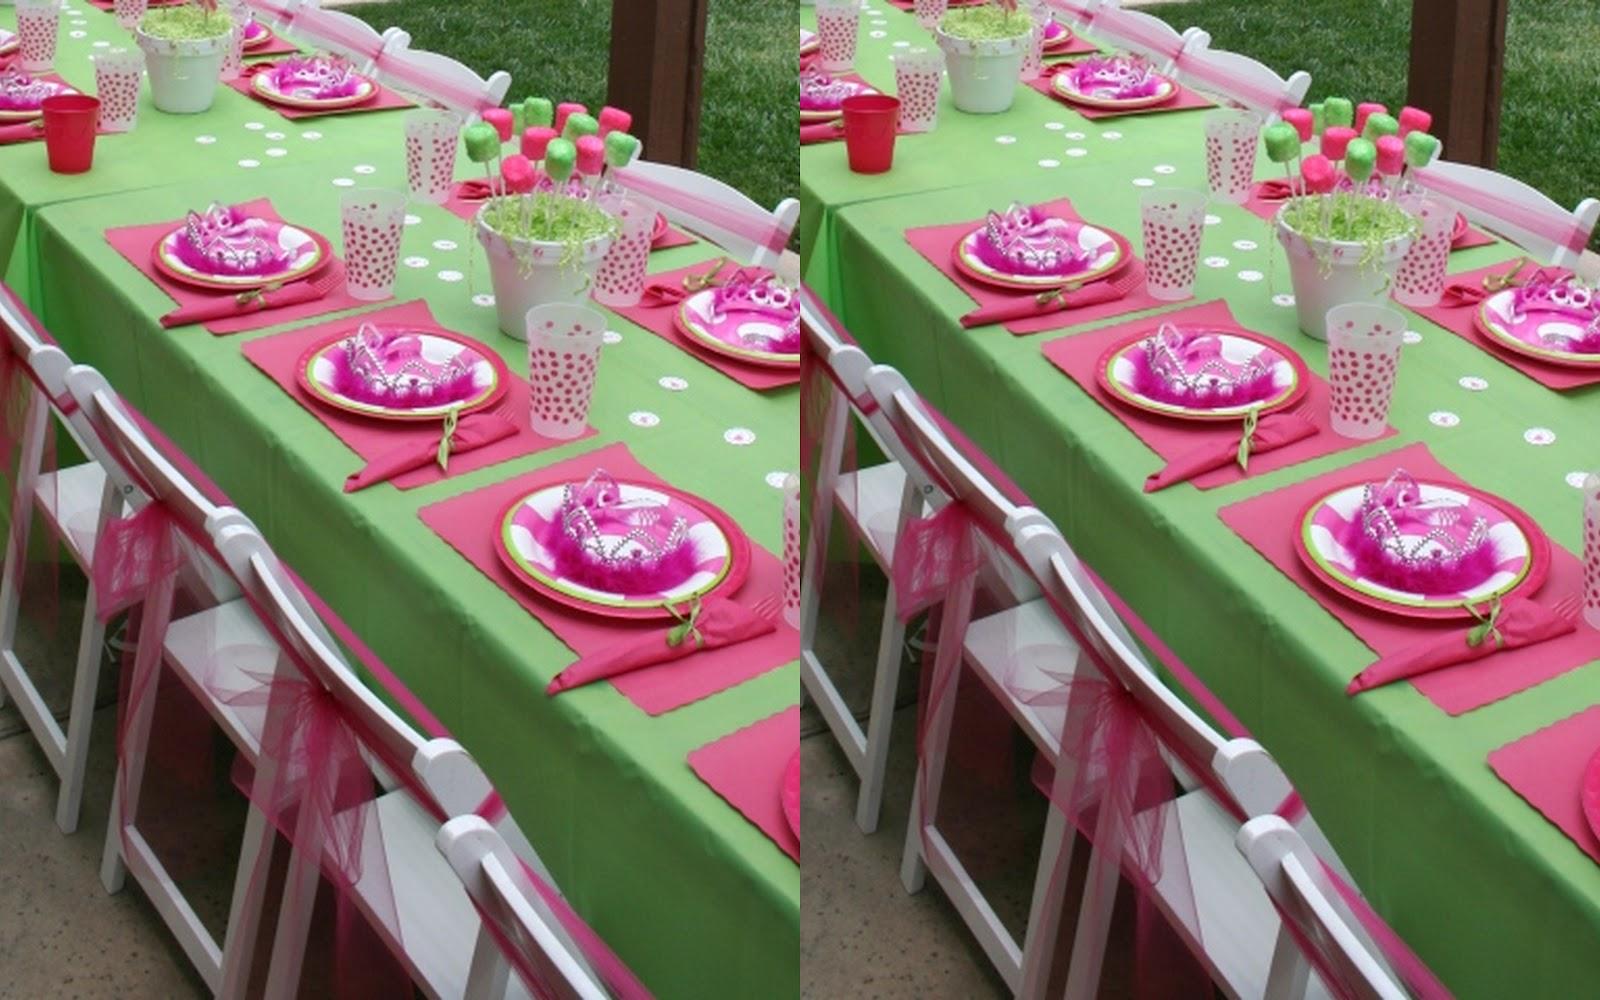 Fiestas con encanto una mesa de cumplea os en fucsia y verde for Decoracion de mesa de cumpleanos